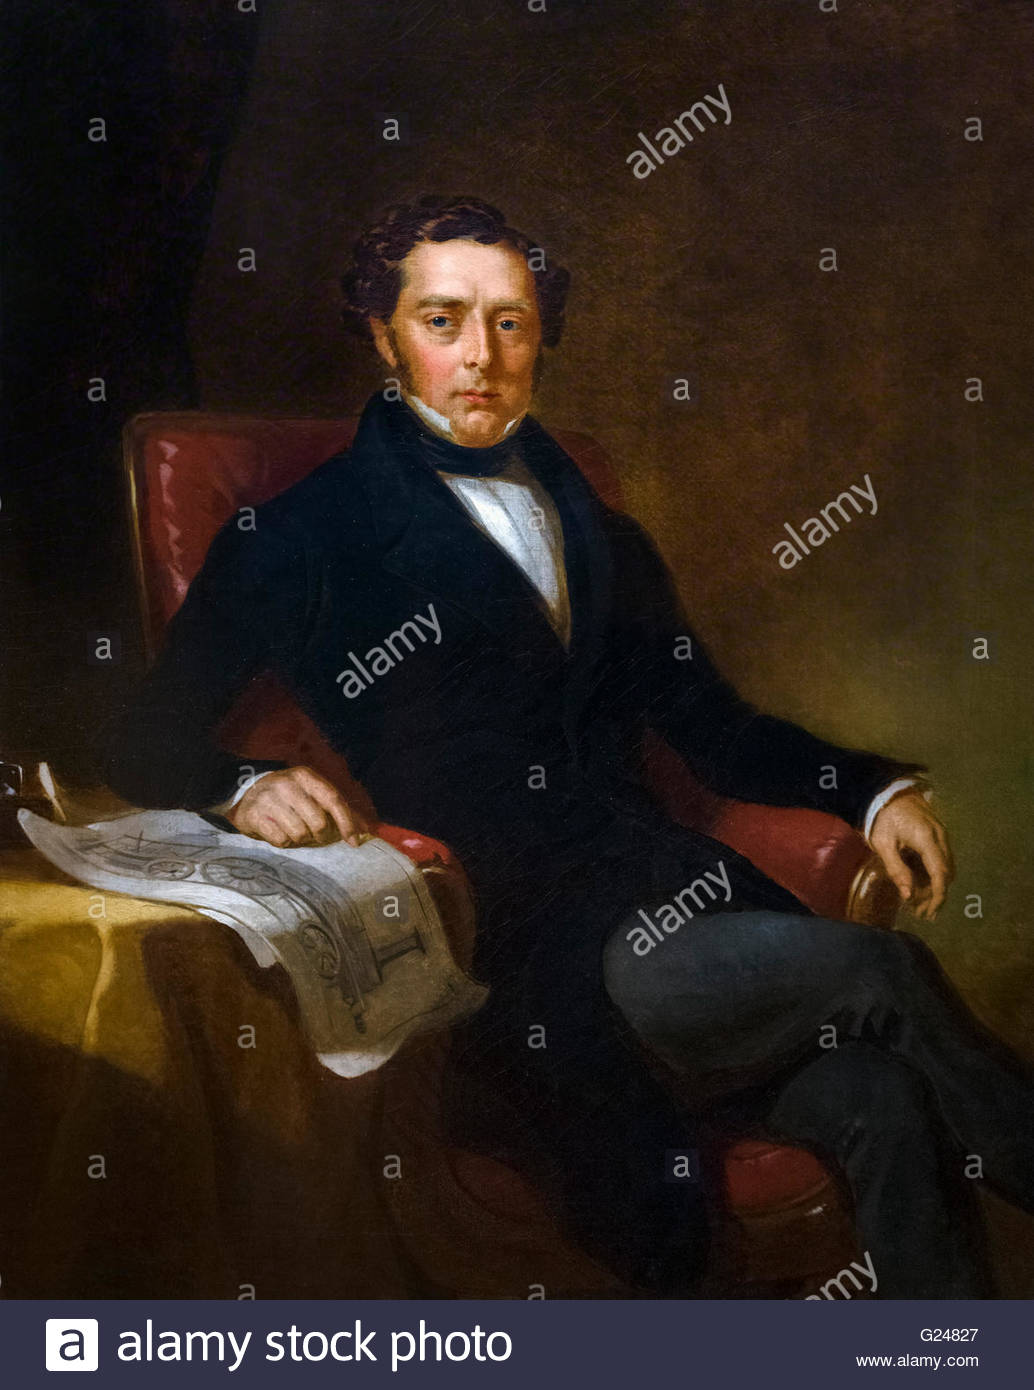 Robert Stephenson 1803 1859 portrait by John Lucas oil on